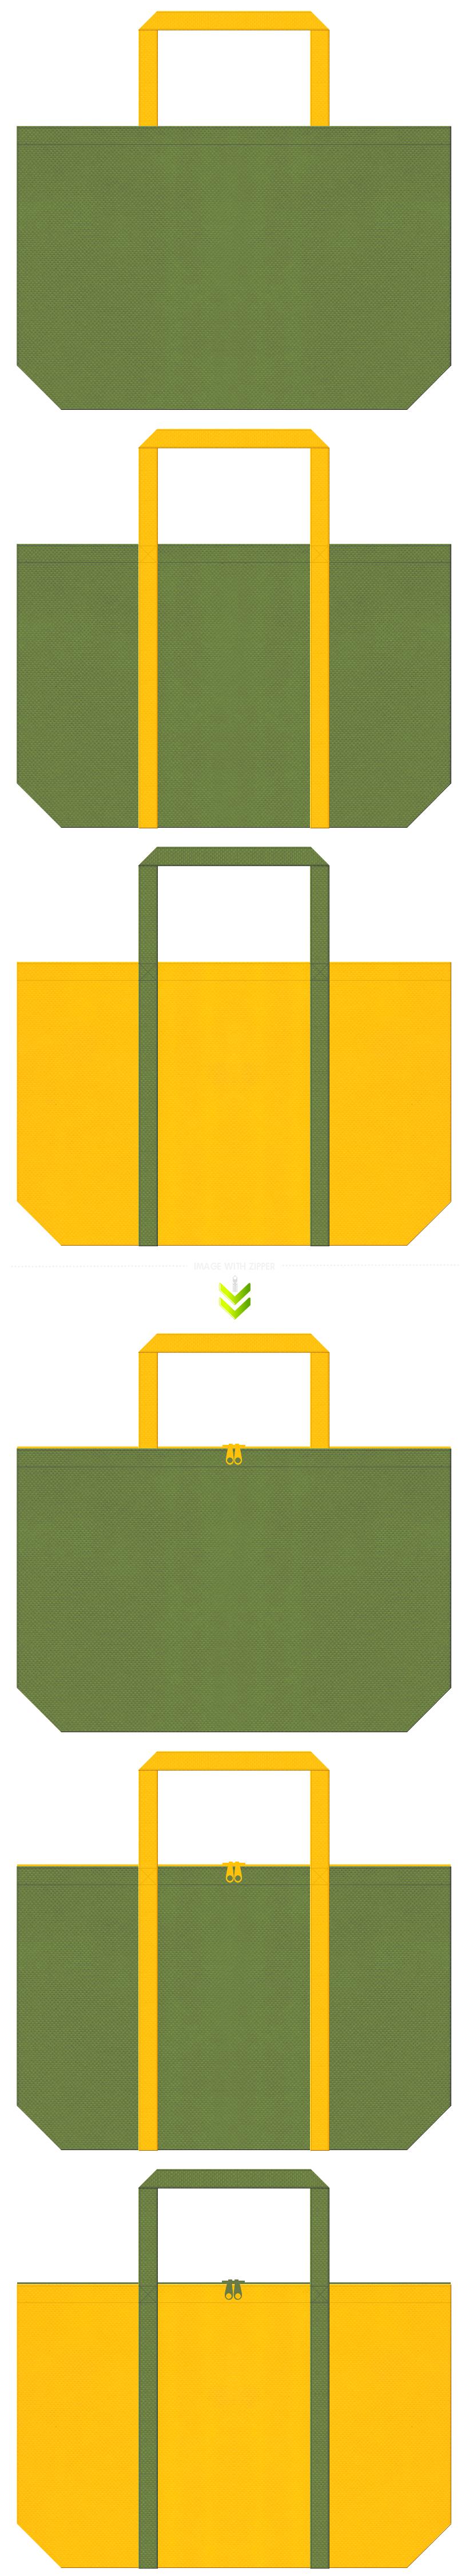 栗・宇治抹茶・スイーツ・和菓子のショッピングバッグにお奨めの不織布バッグデザイン:草色と黄色のコーデ